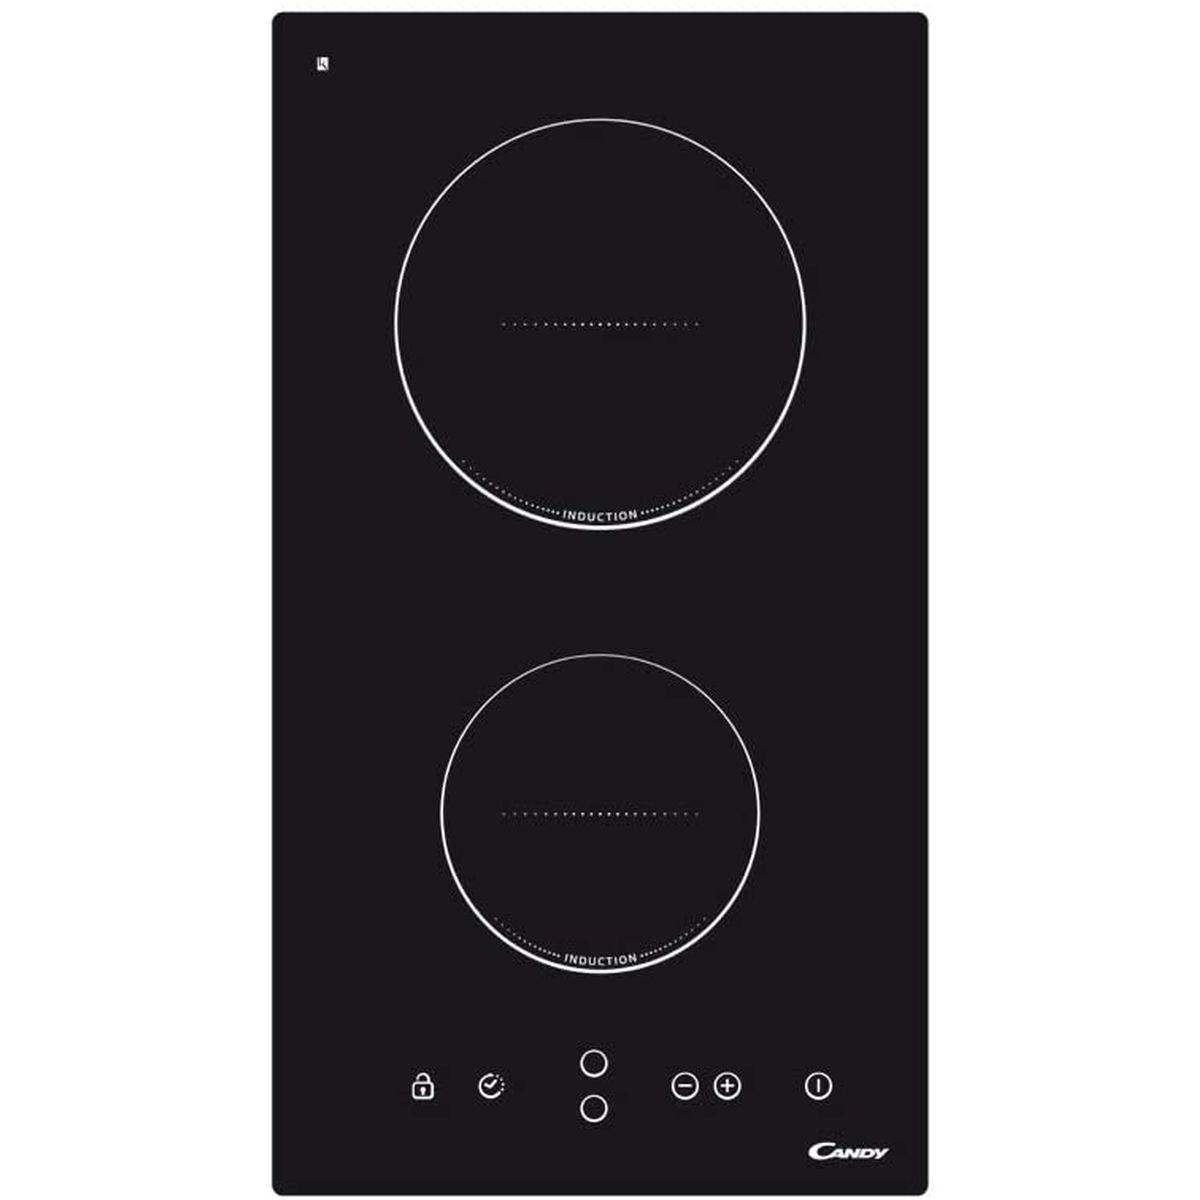 Table de cuisson vitrocéramique CDI30, 30 cm, 2 foyers